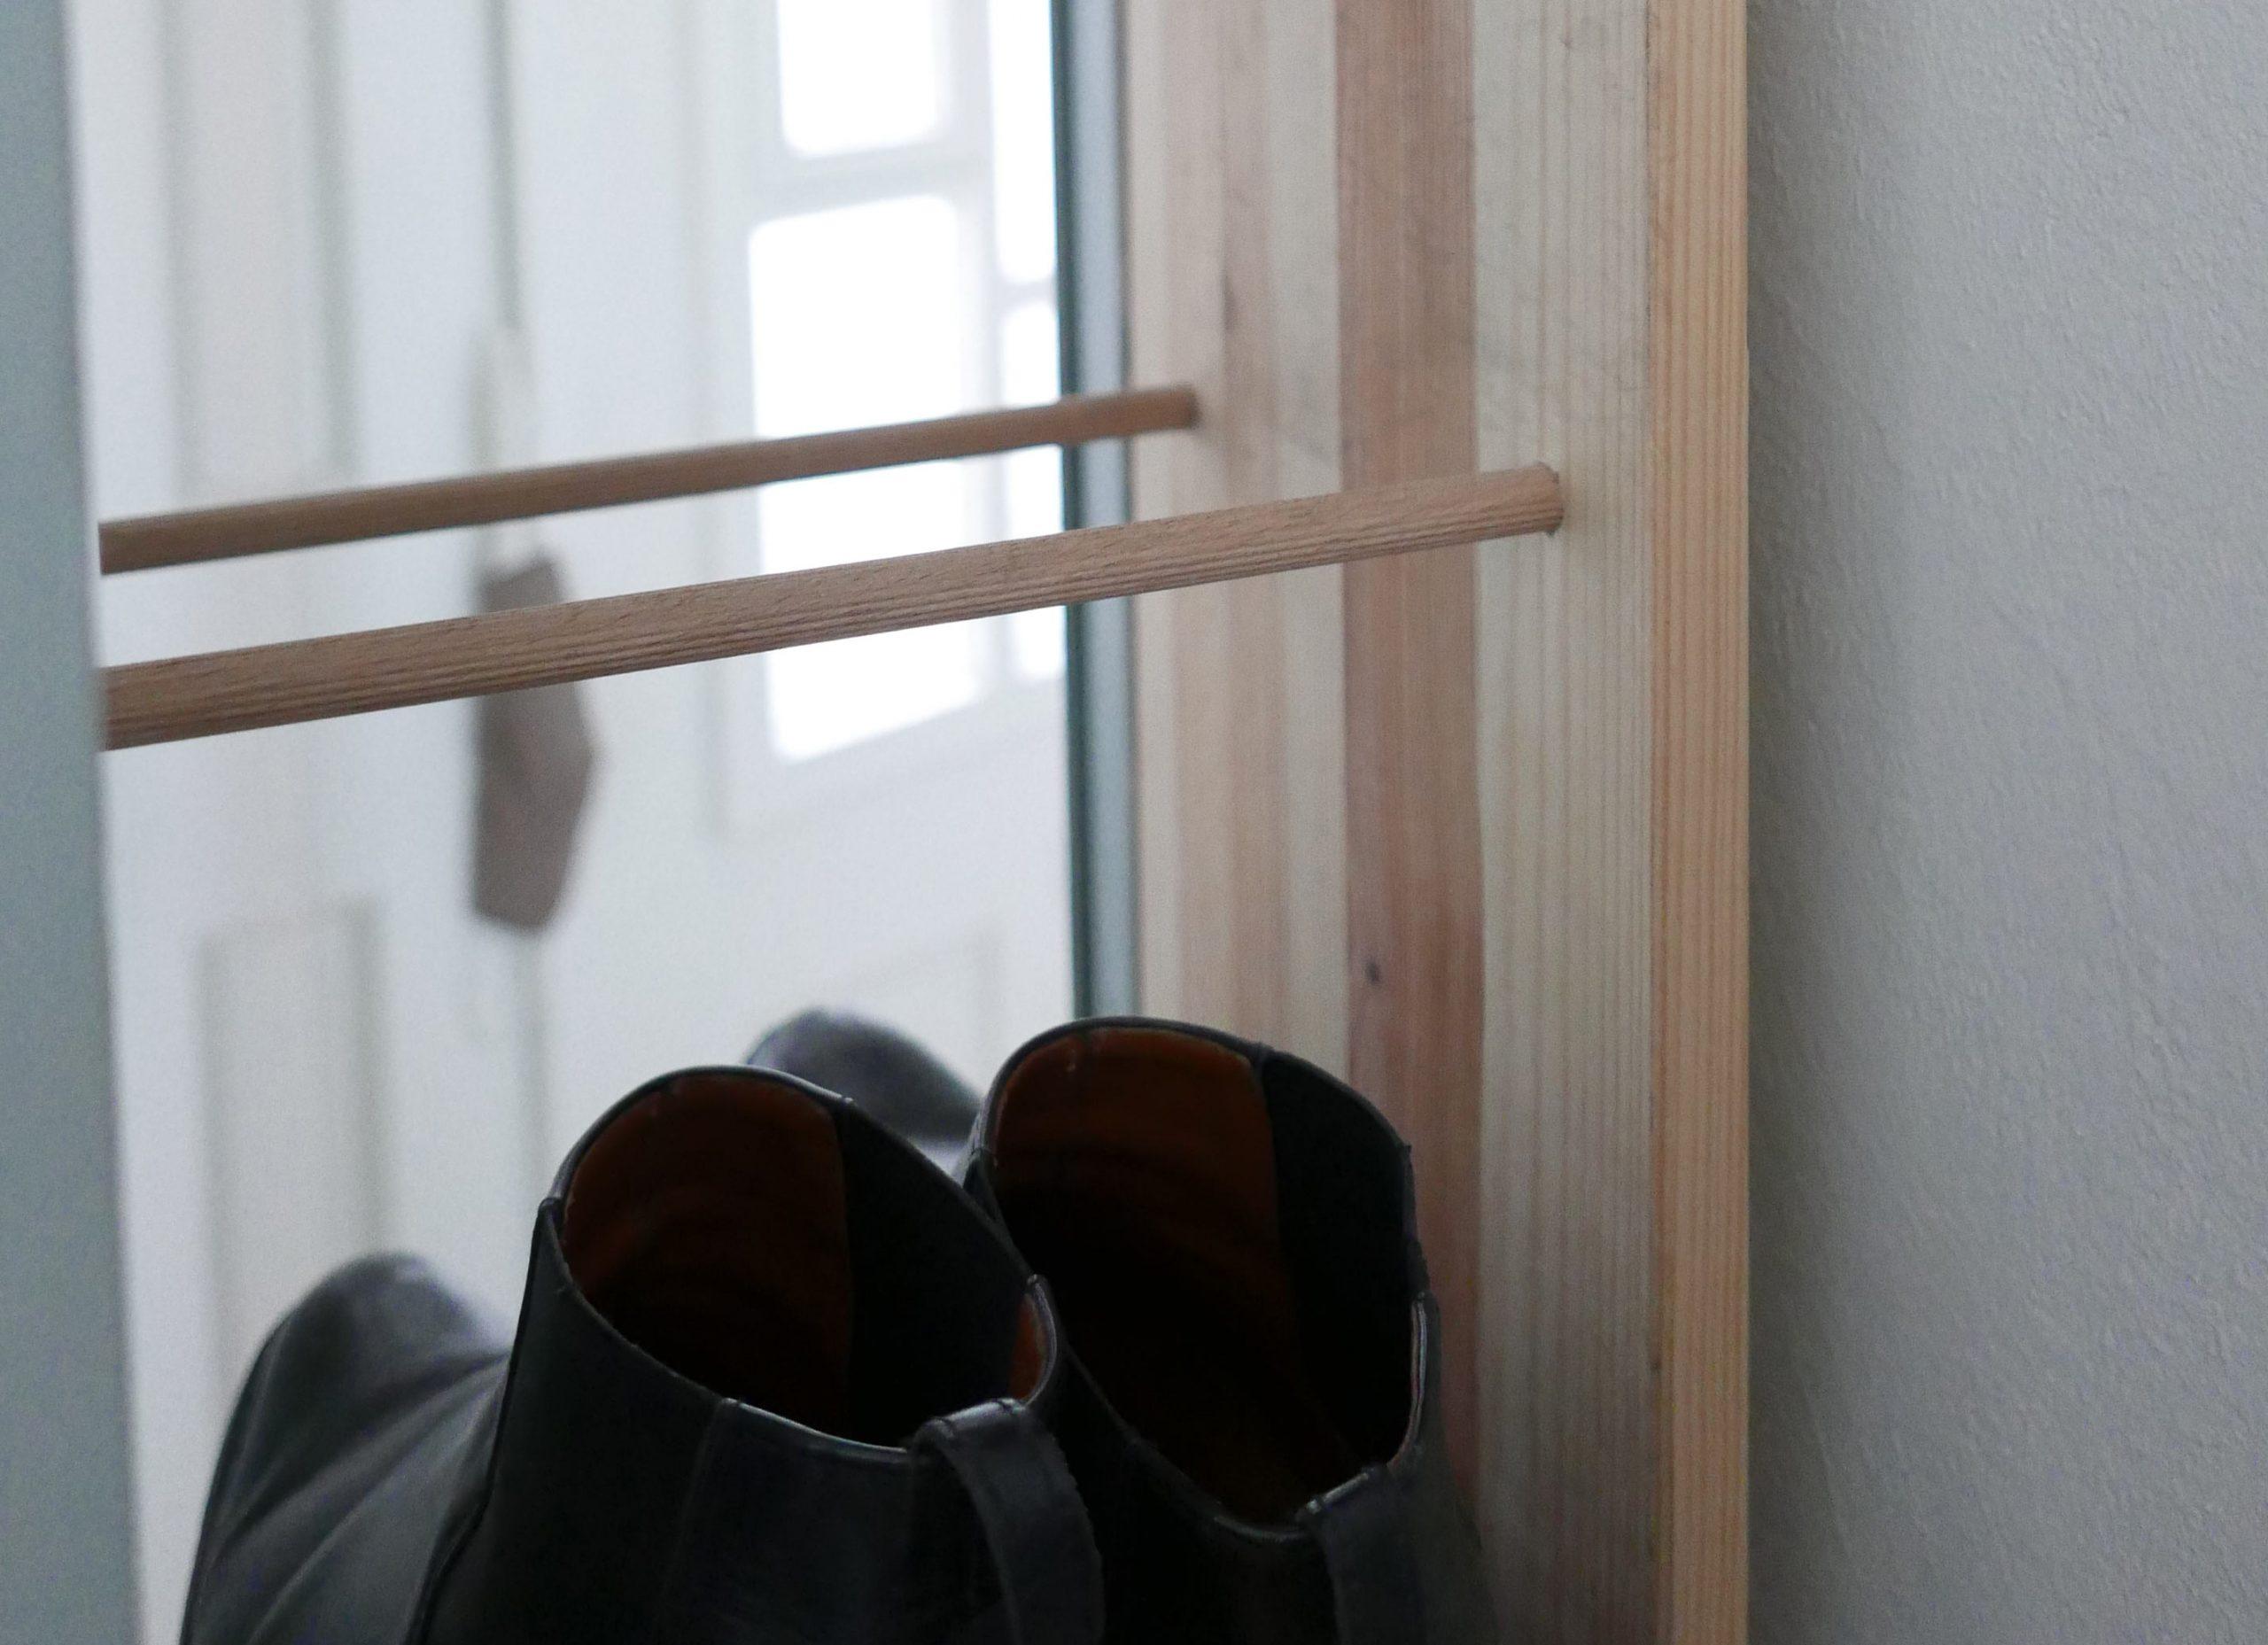 Stiefeletten stehen im DIY Holz Schuhregal